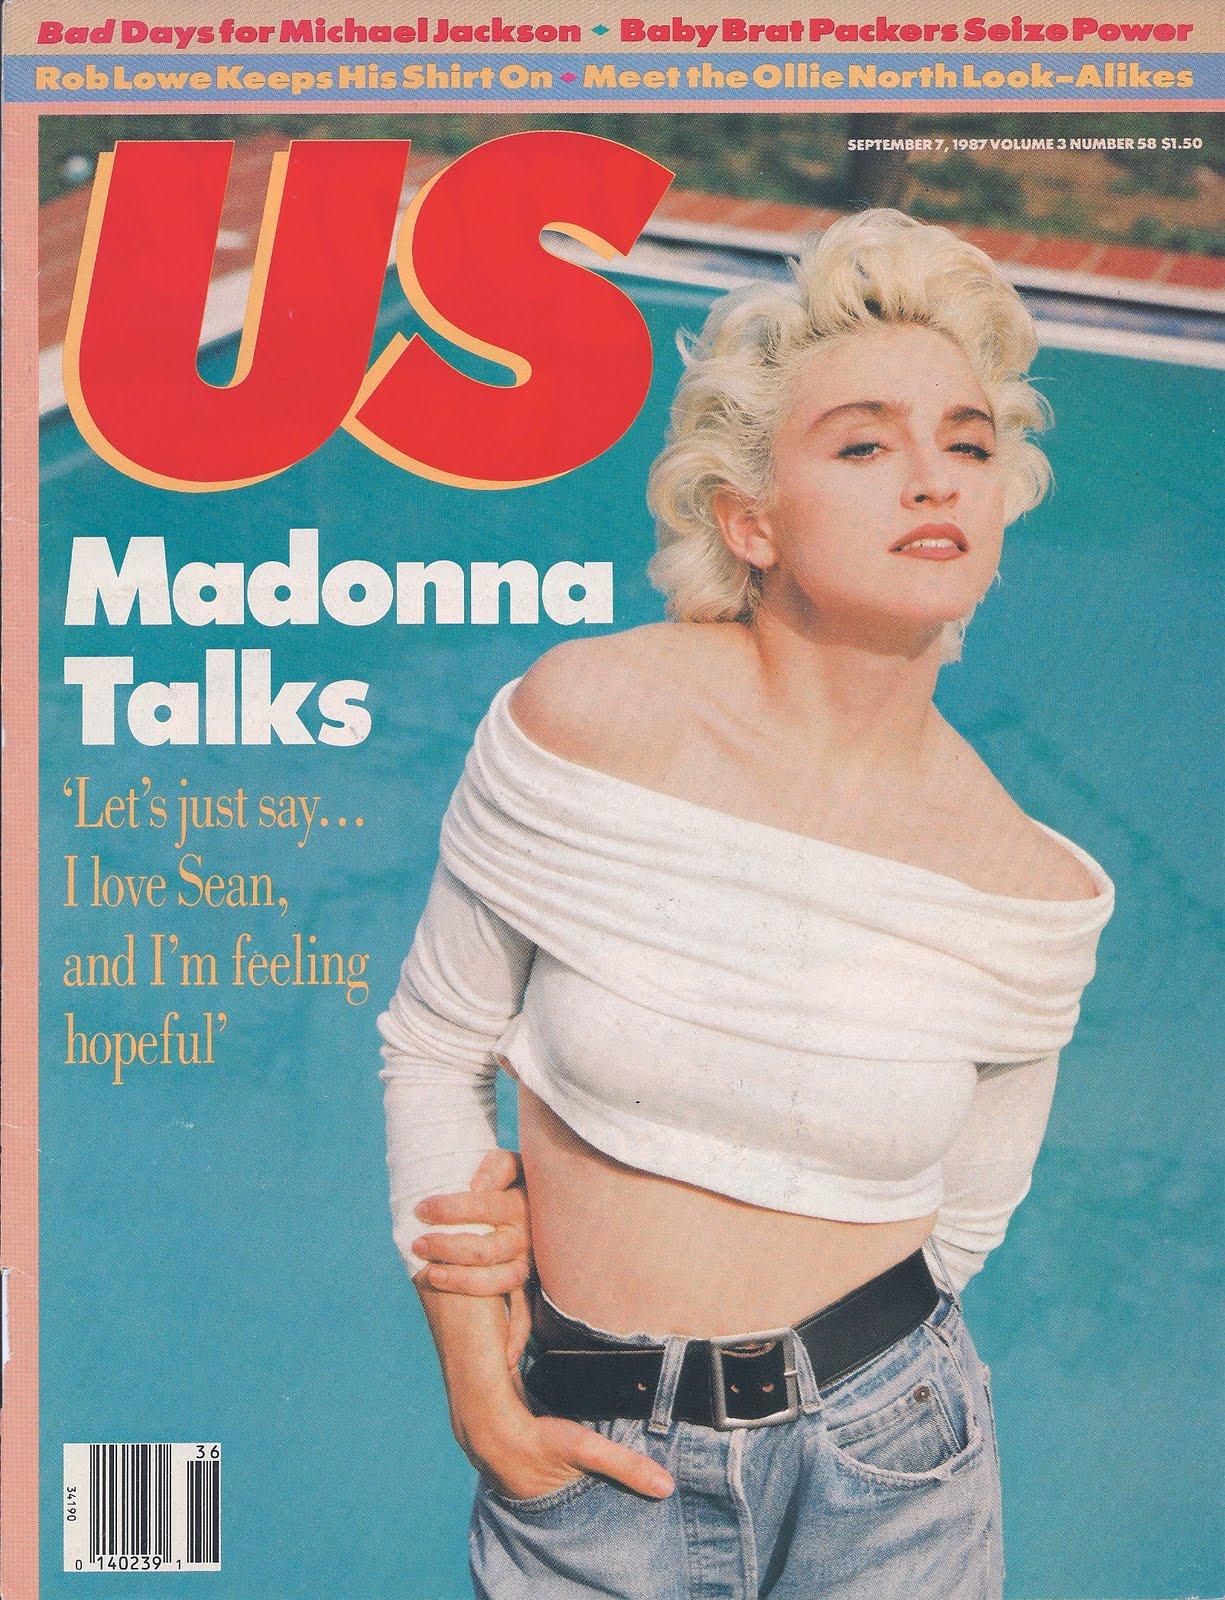 http://3.bp.blogspot.com/_38T64sfKt3Y/TMNue_rmKZI/AAAAAAAALII/G1FGlLNr7aA/s1600/Madonna+US+87-Cover.jpg